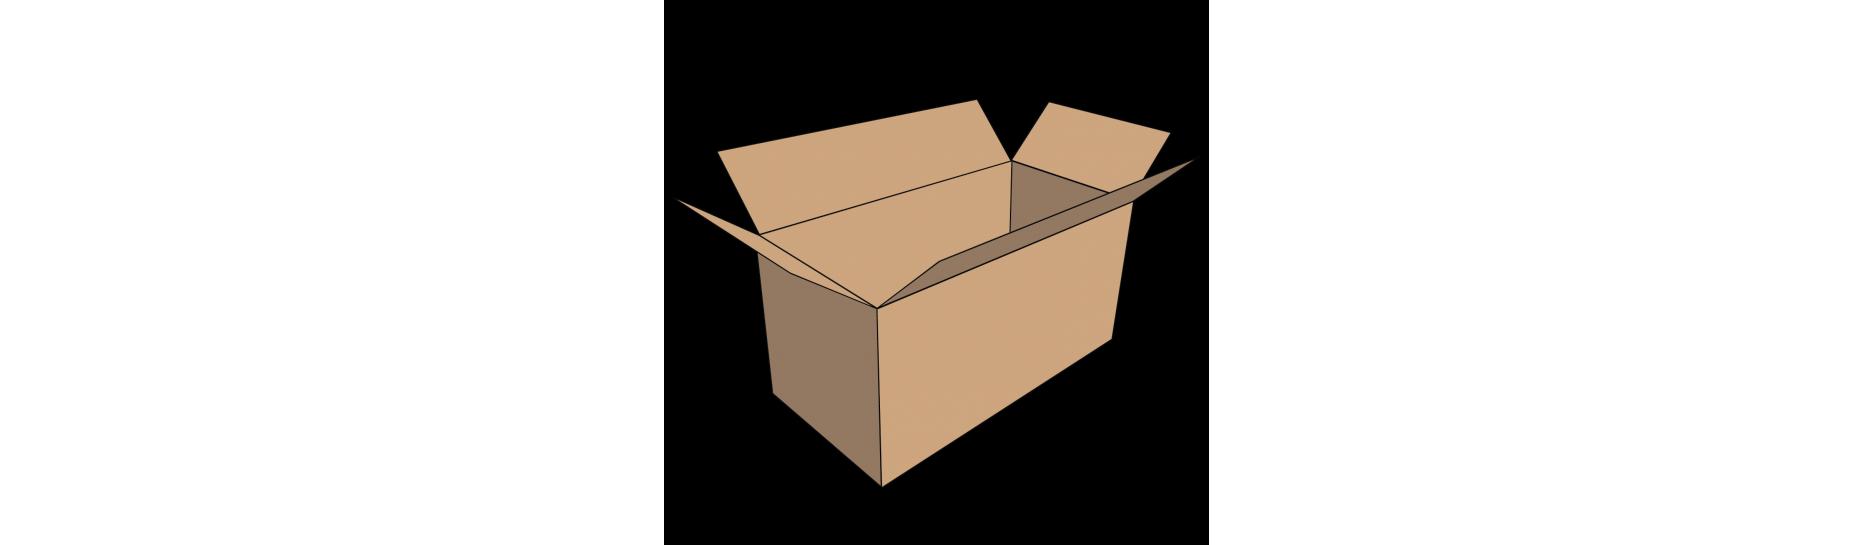 Kartonová krabice třivrstvá, fefco 0201, papírová, klopová, lepená